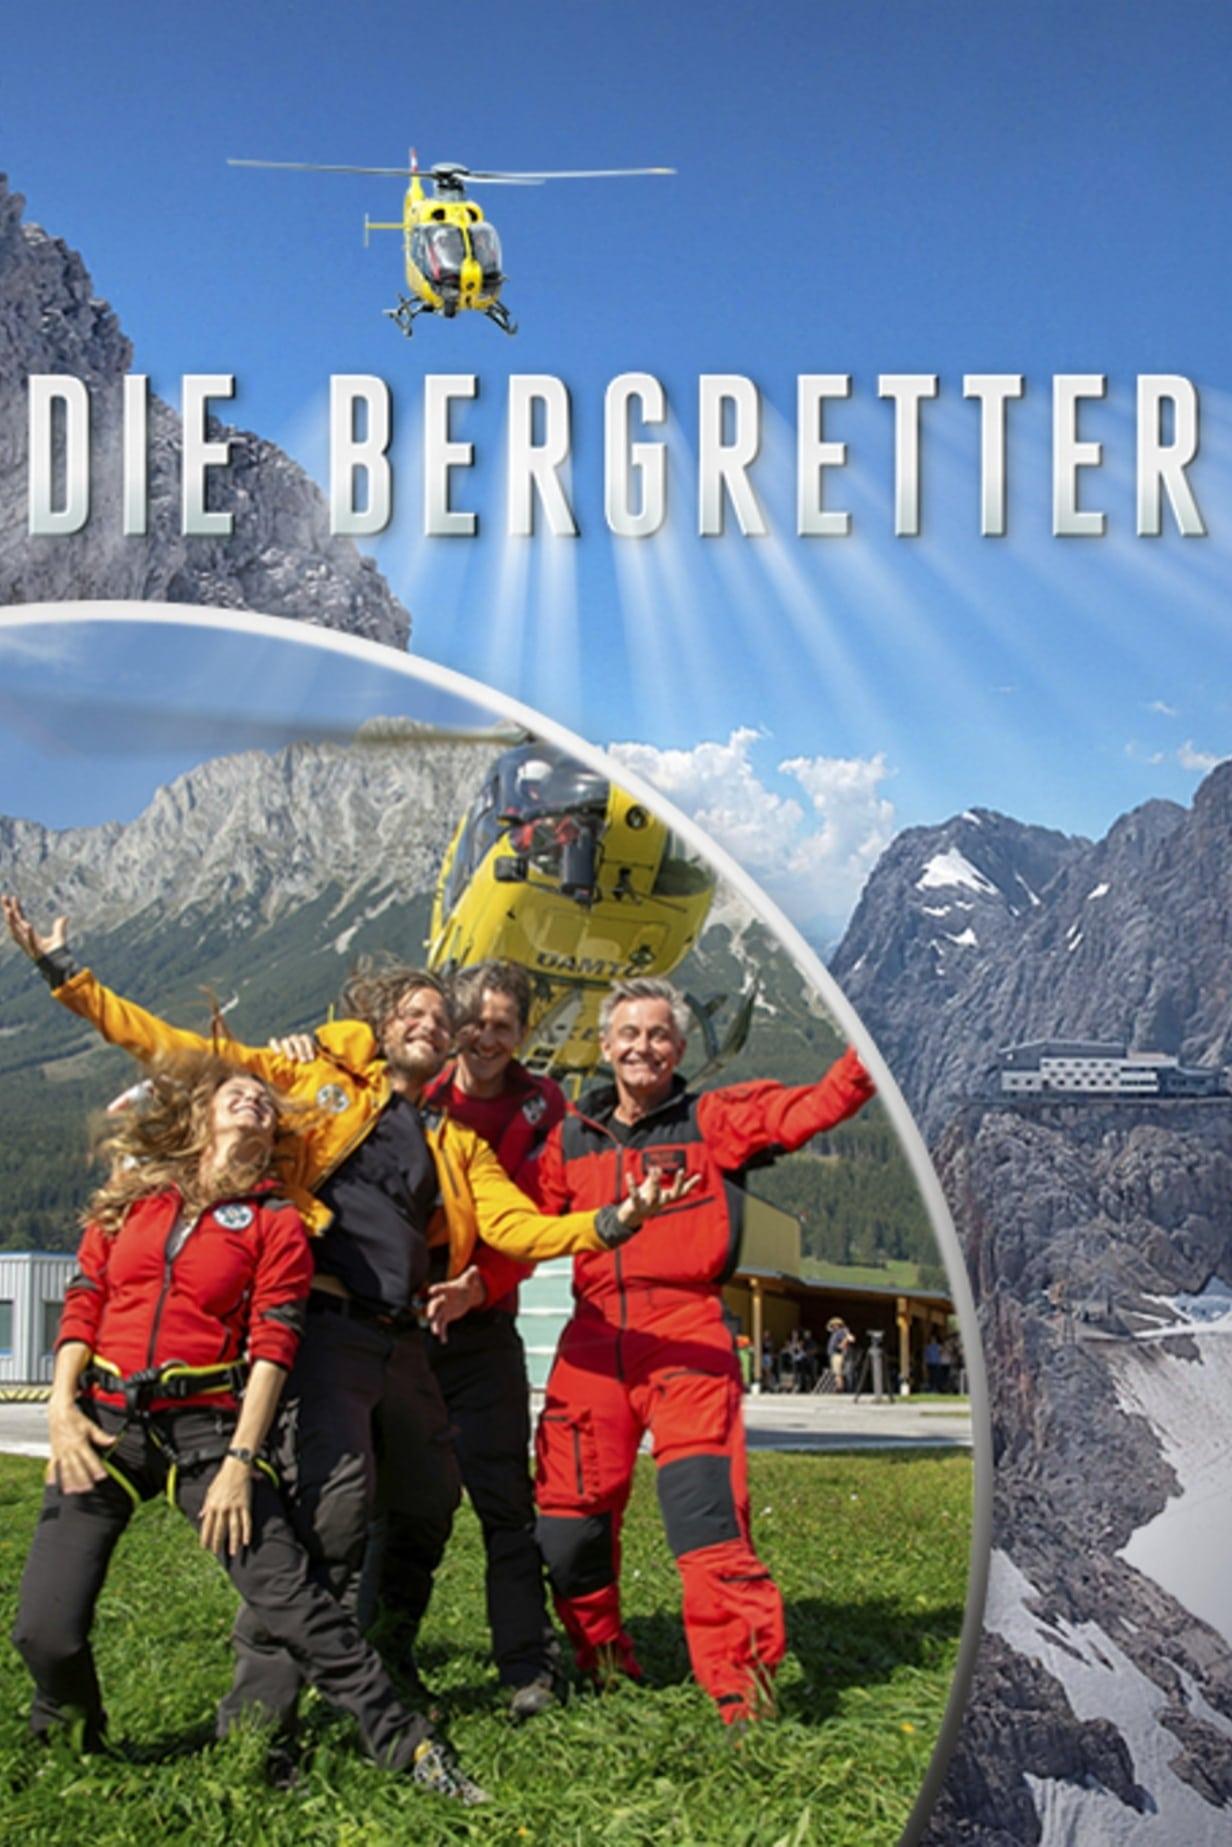 Die Bergretter TV Shows About Village